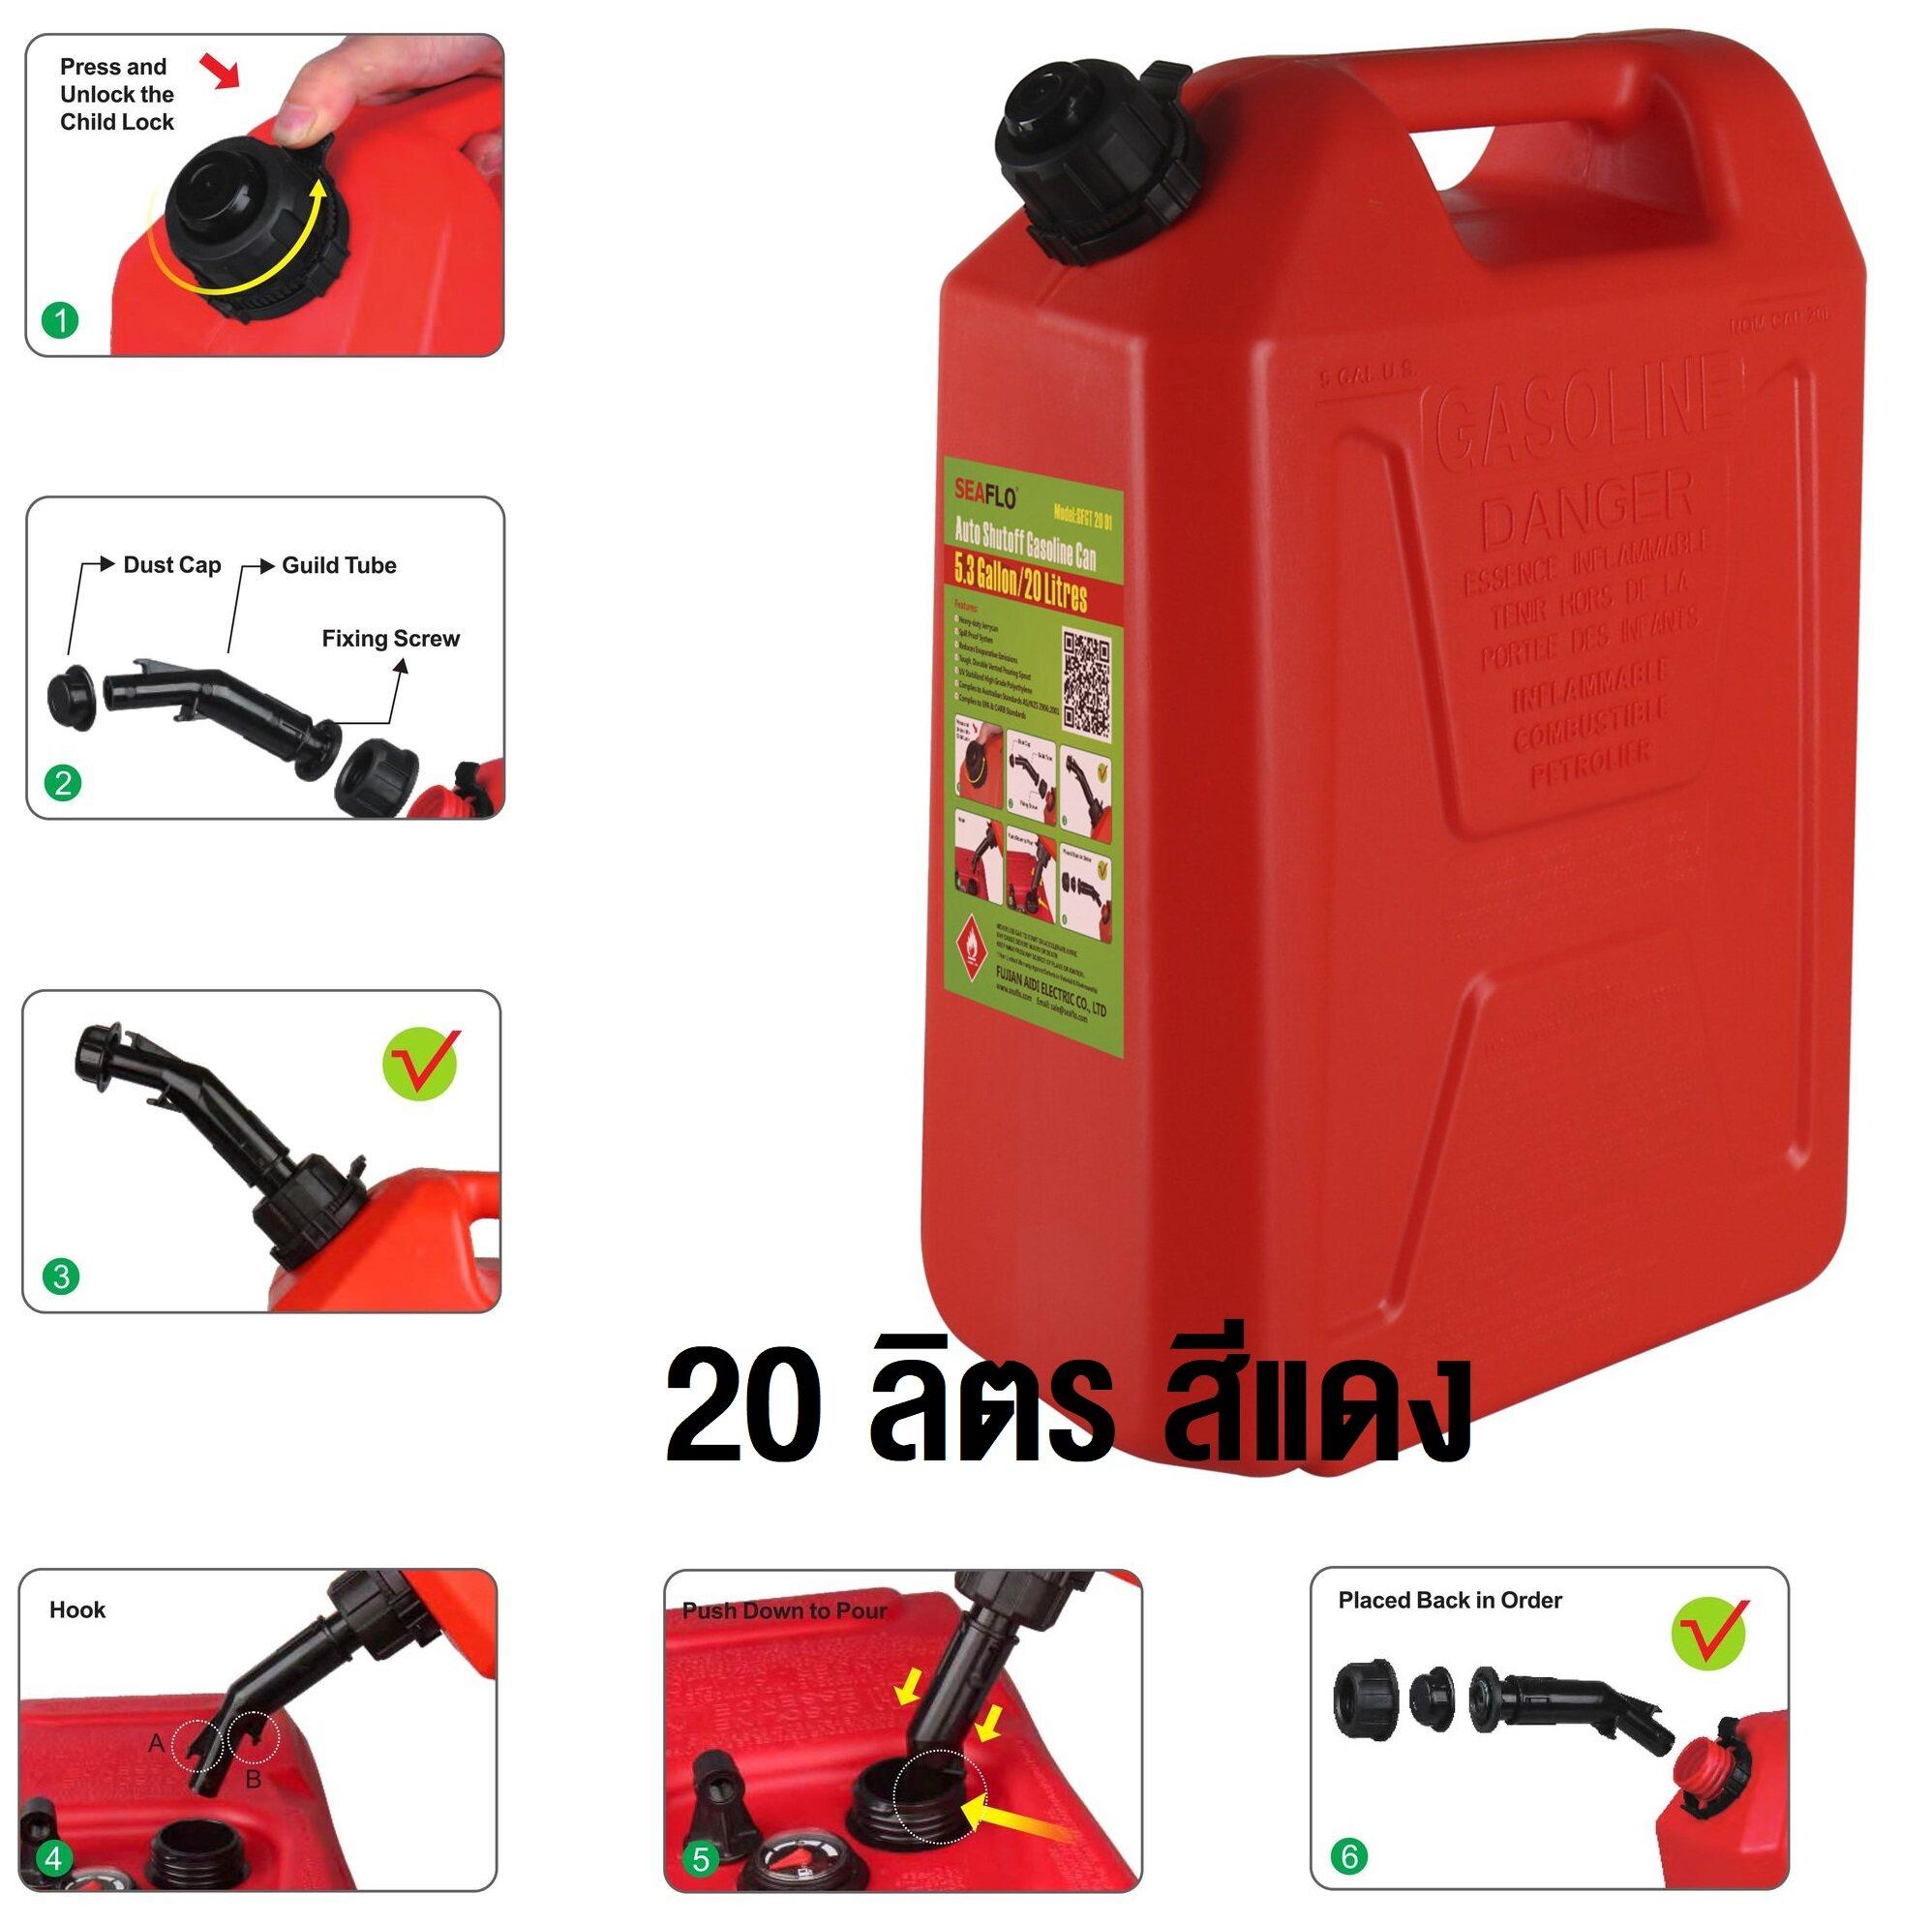 (สีแดง) 20 ลิตร แกลลอนน้ำมันเชื้อเพลิงสำรอง SEAFLO เหมาะสำหรับบรรจุน้ำมันเชื้อเพลิงเบนซิน S621-0060